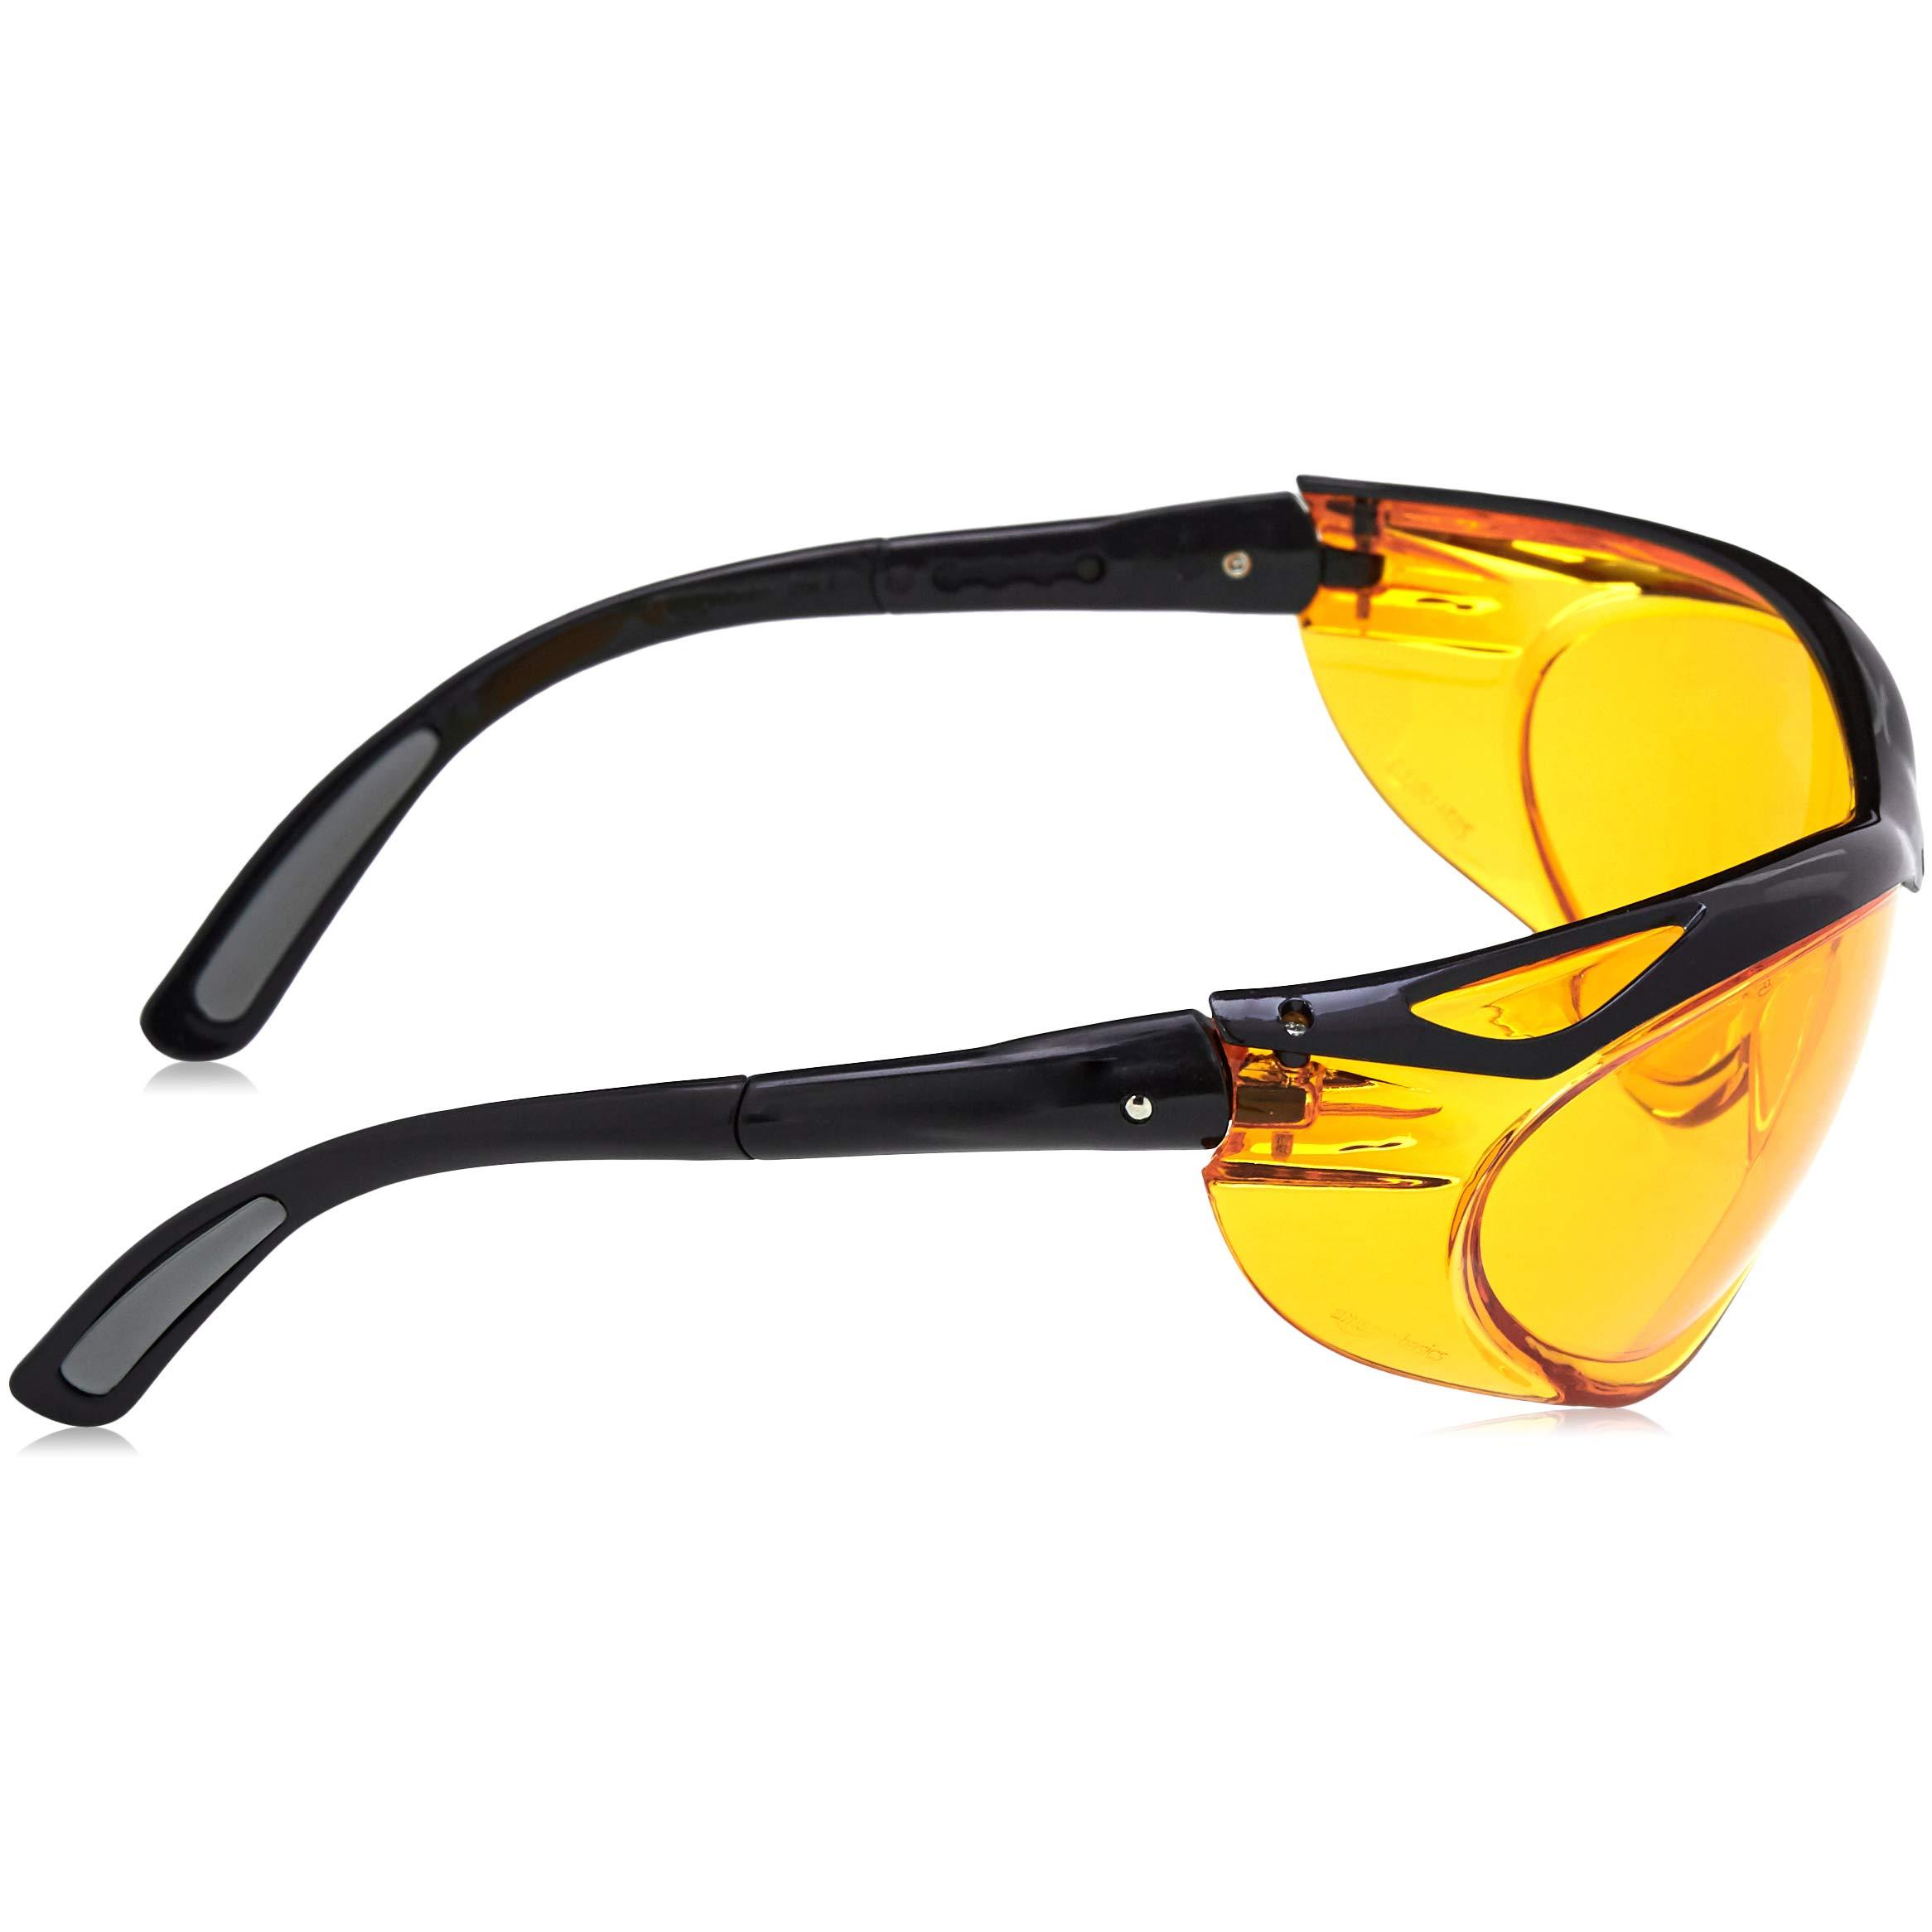 AmazonBasics Blue Light Blocking Safety Glasses, Anti-Fog, Orange Lens, 6-Count by AmazonBasics (Image #5)